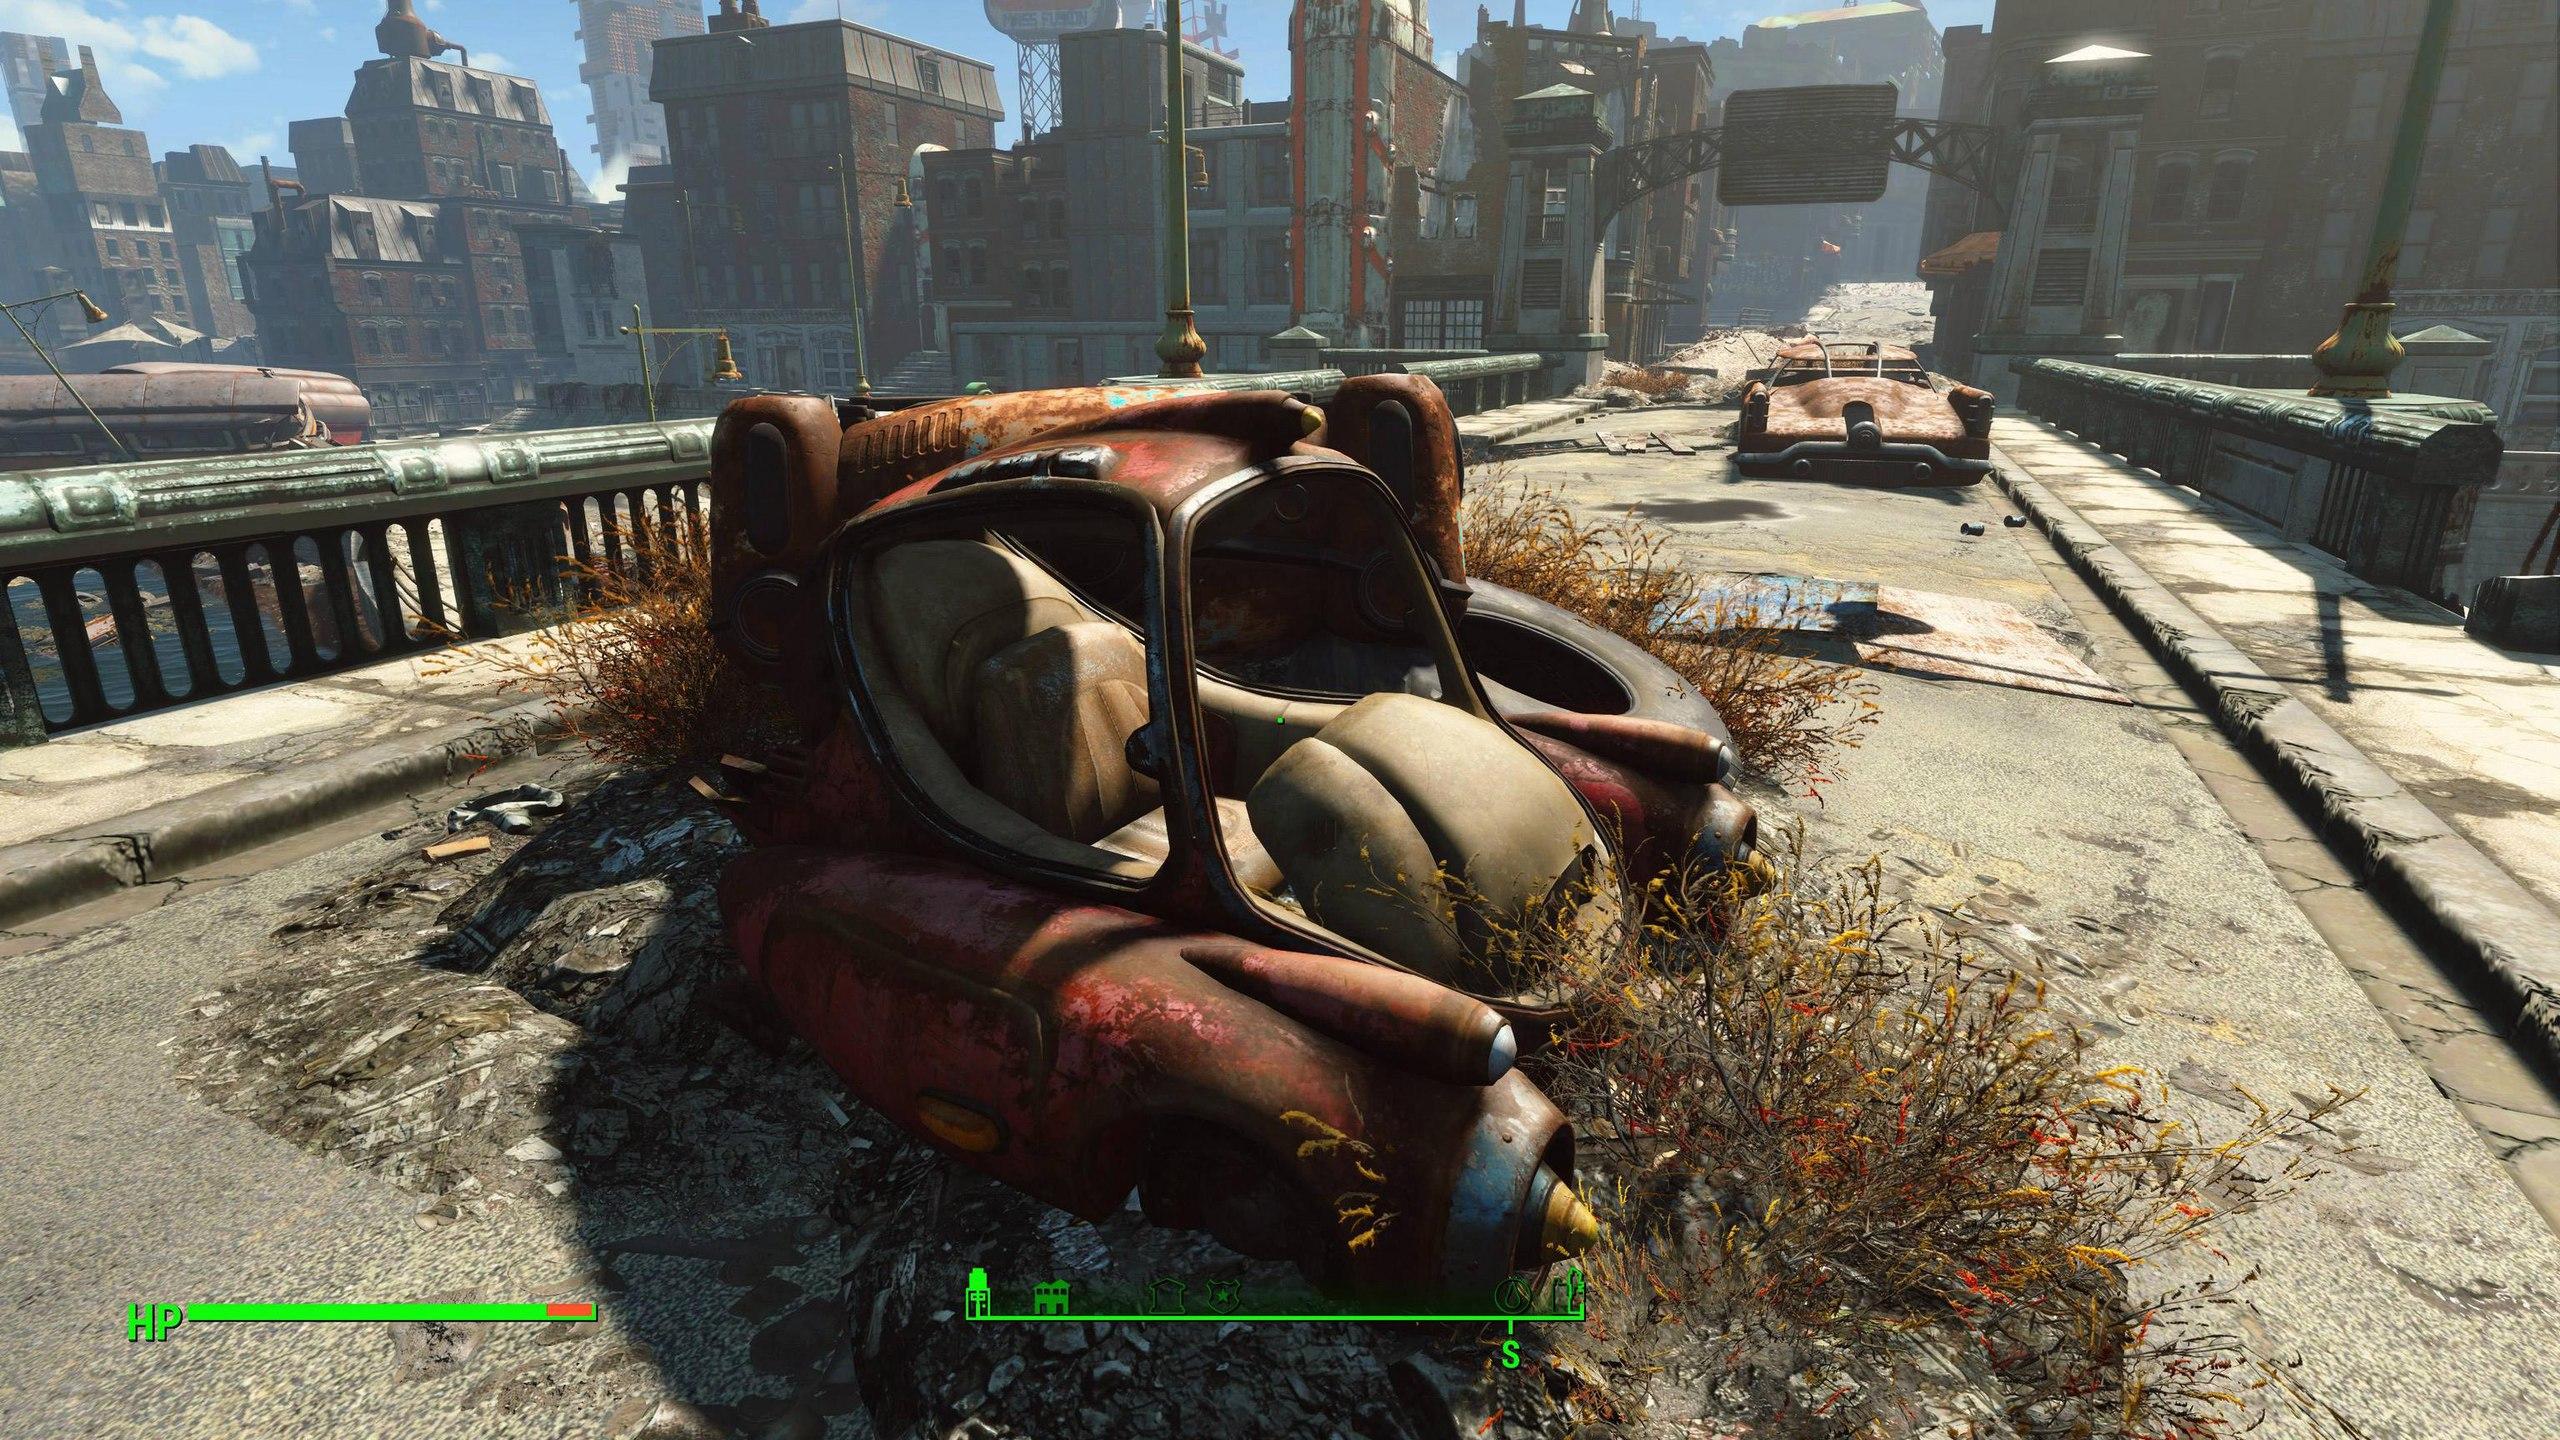 Пользователь, reddit под ником kami77, опубликовал скриншоты Fallout4 с официальными текстурами высокого разрешения.